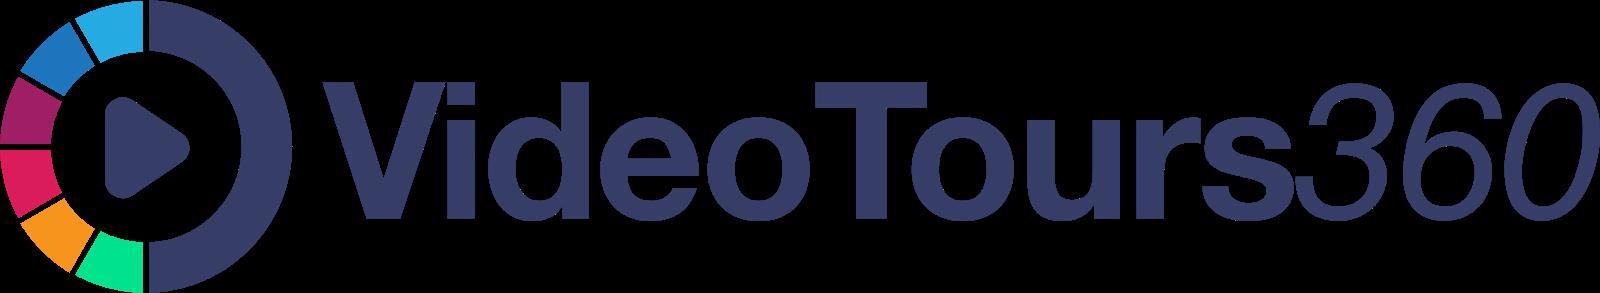 VideoTours360-Review-Logo